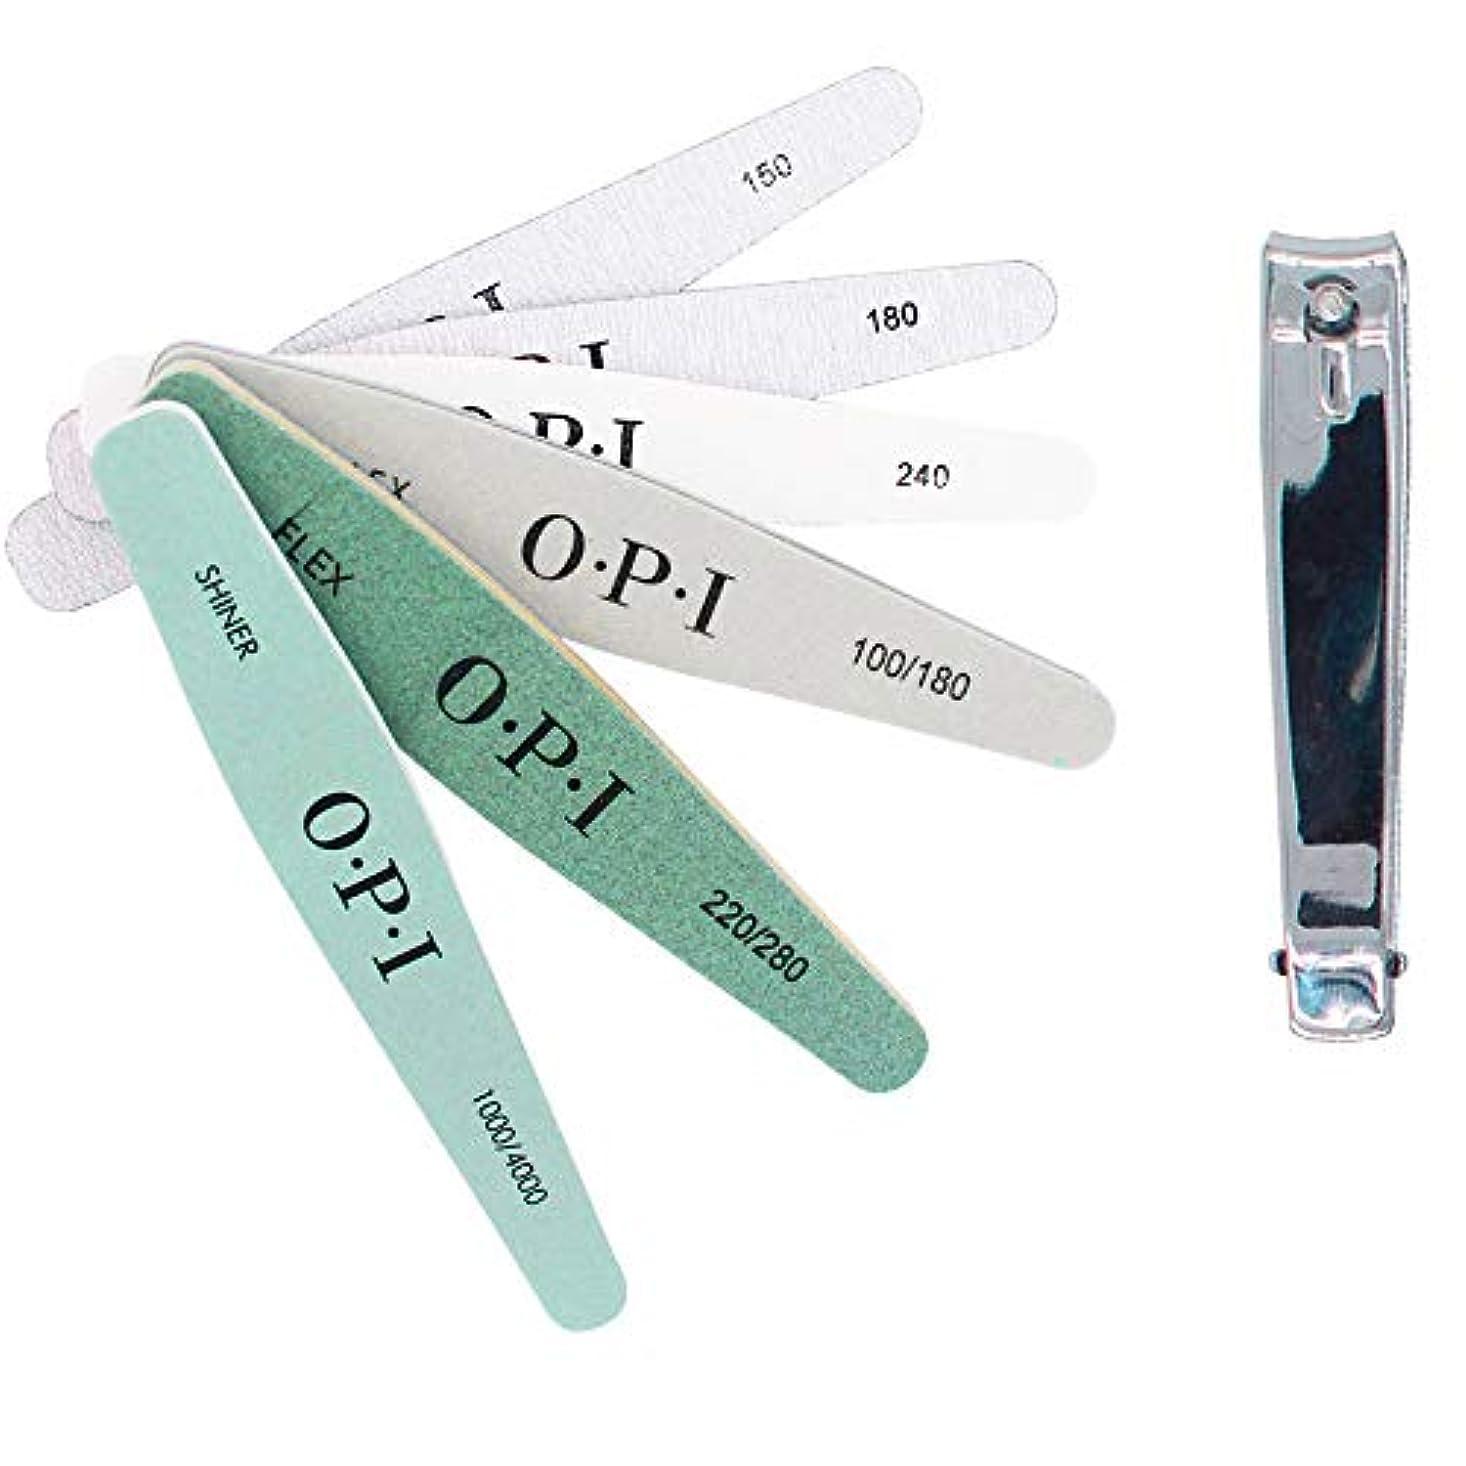 傑出した不愉快に組KINYOOOスポンジファイル、爪やすり、ネイルをつやつやに、のネイルツール、 150/180/200/240/280/1000/4000と(1 PCSメタルネイルはさみ)、ネイルケア用化粧マニキュアペディキュアセット。